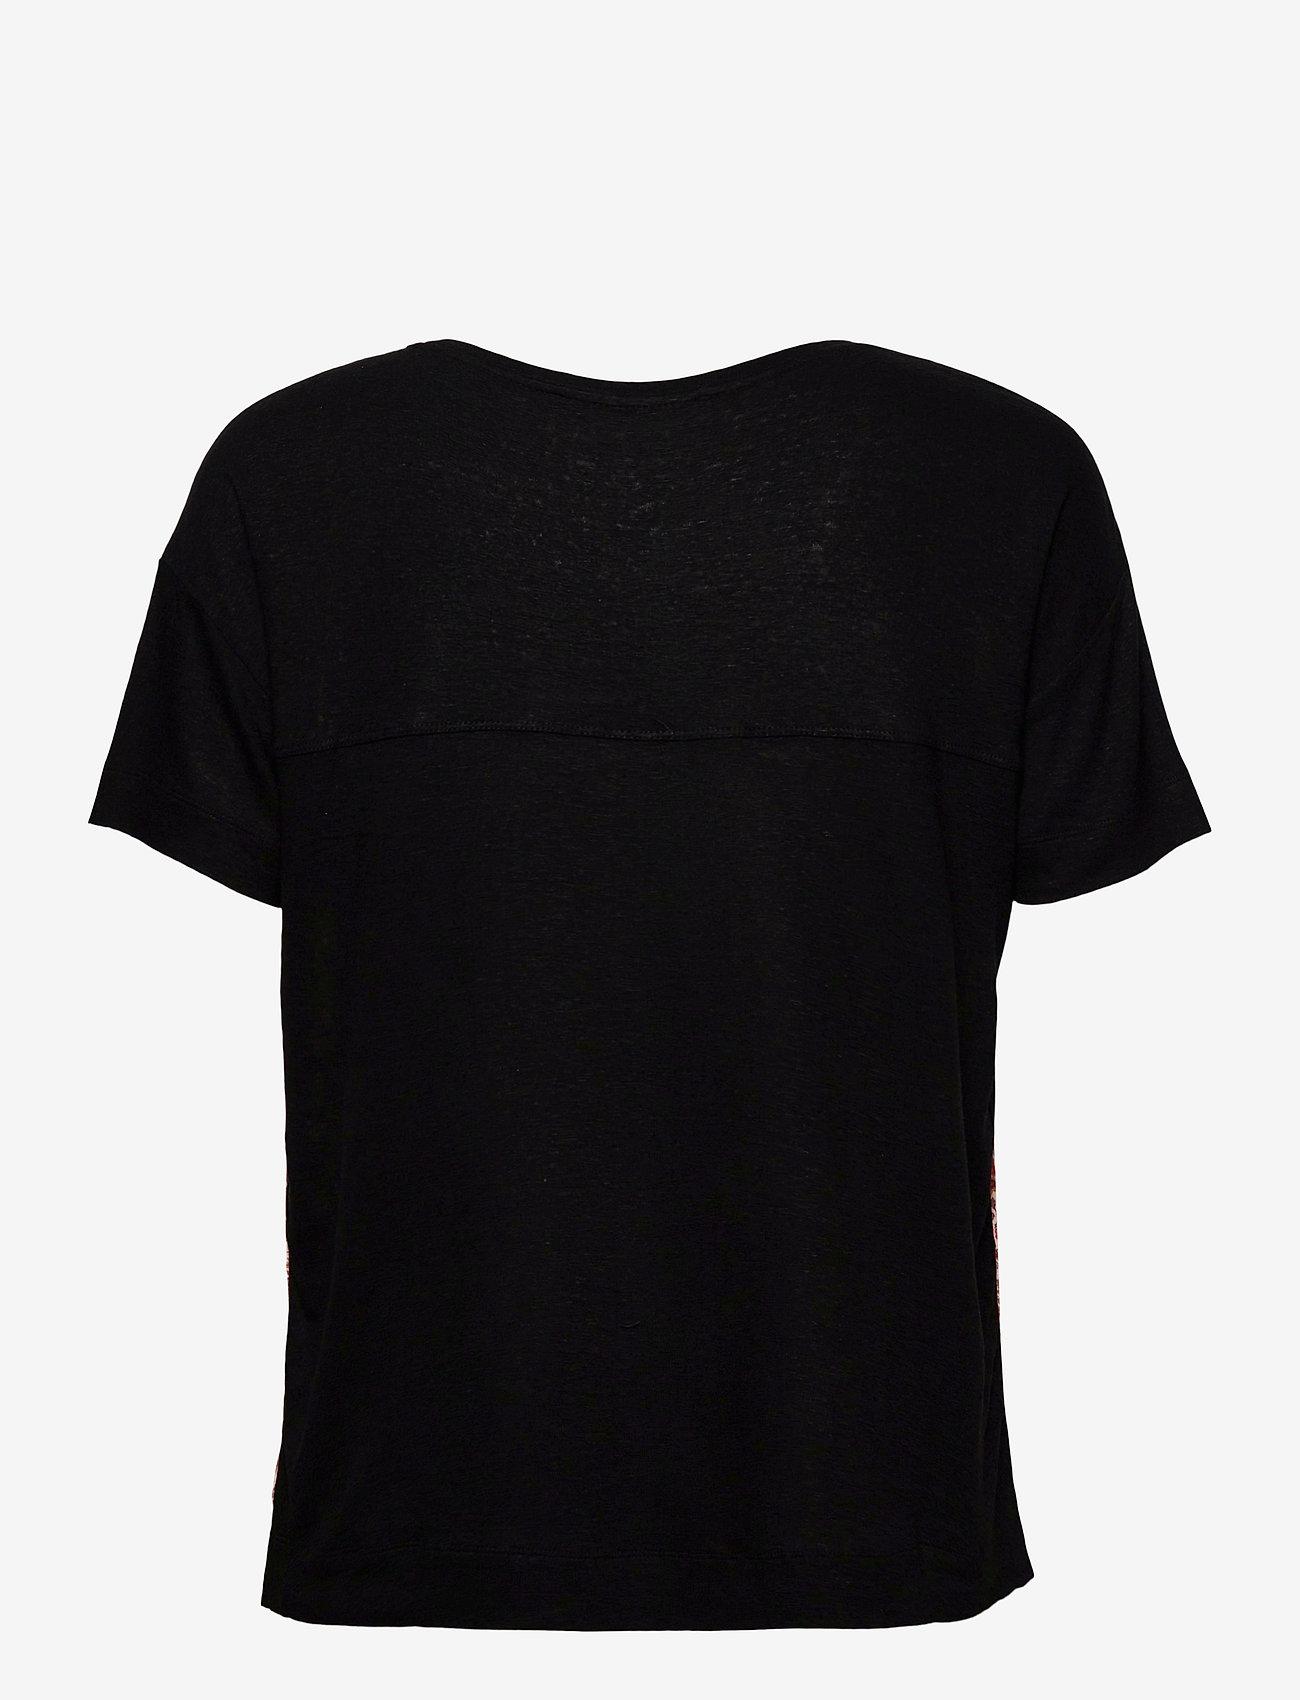 Desigual - TS LOMBOK - t-shirts - negro - 1